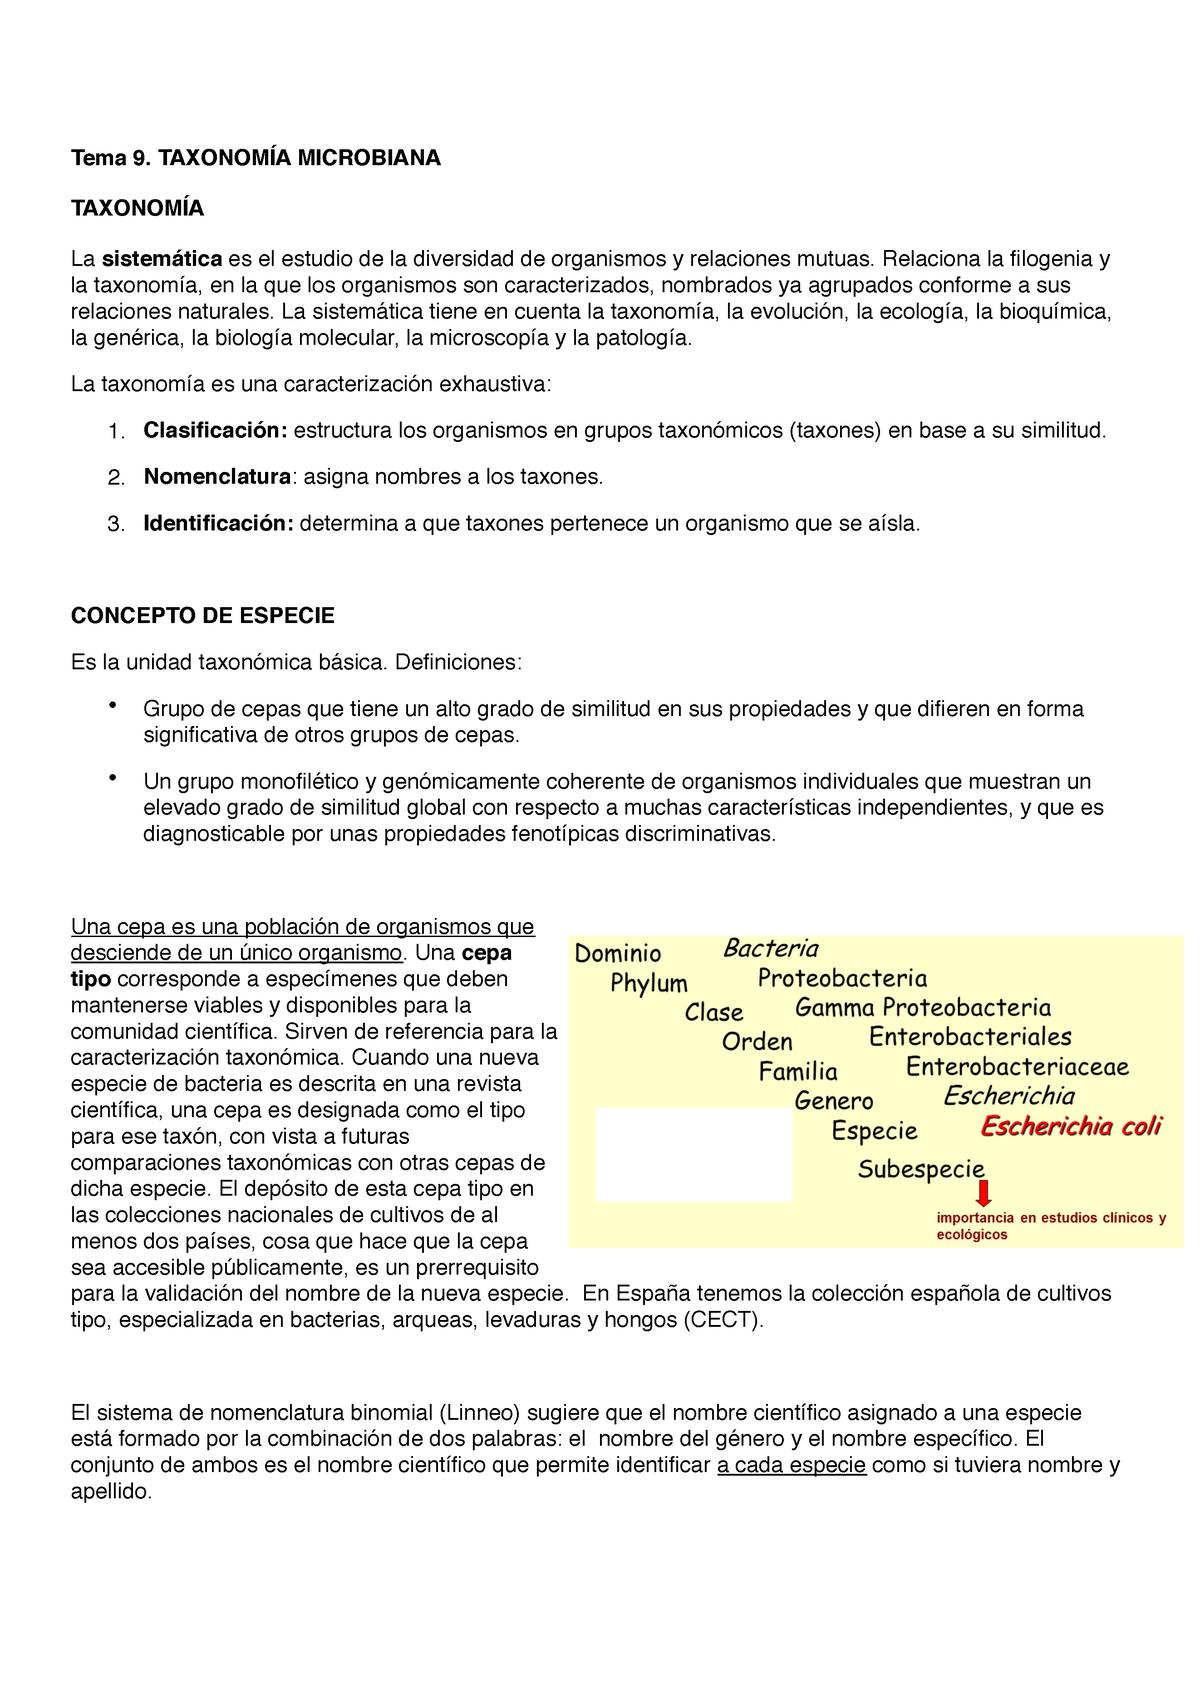 9 Taxonomía Microbiana Microbiologia 17914101 Urv Studocu